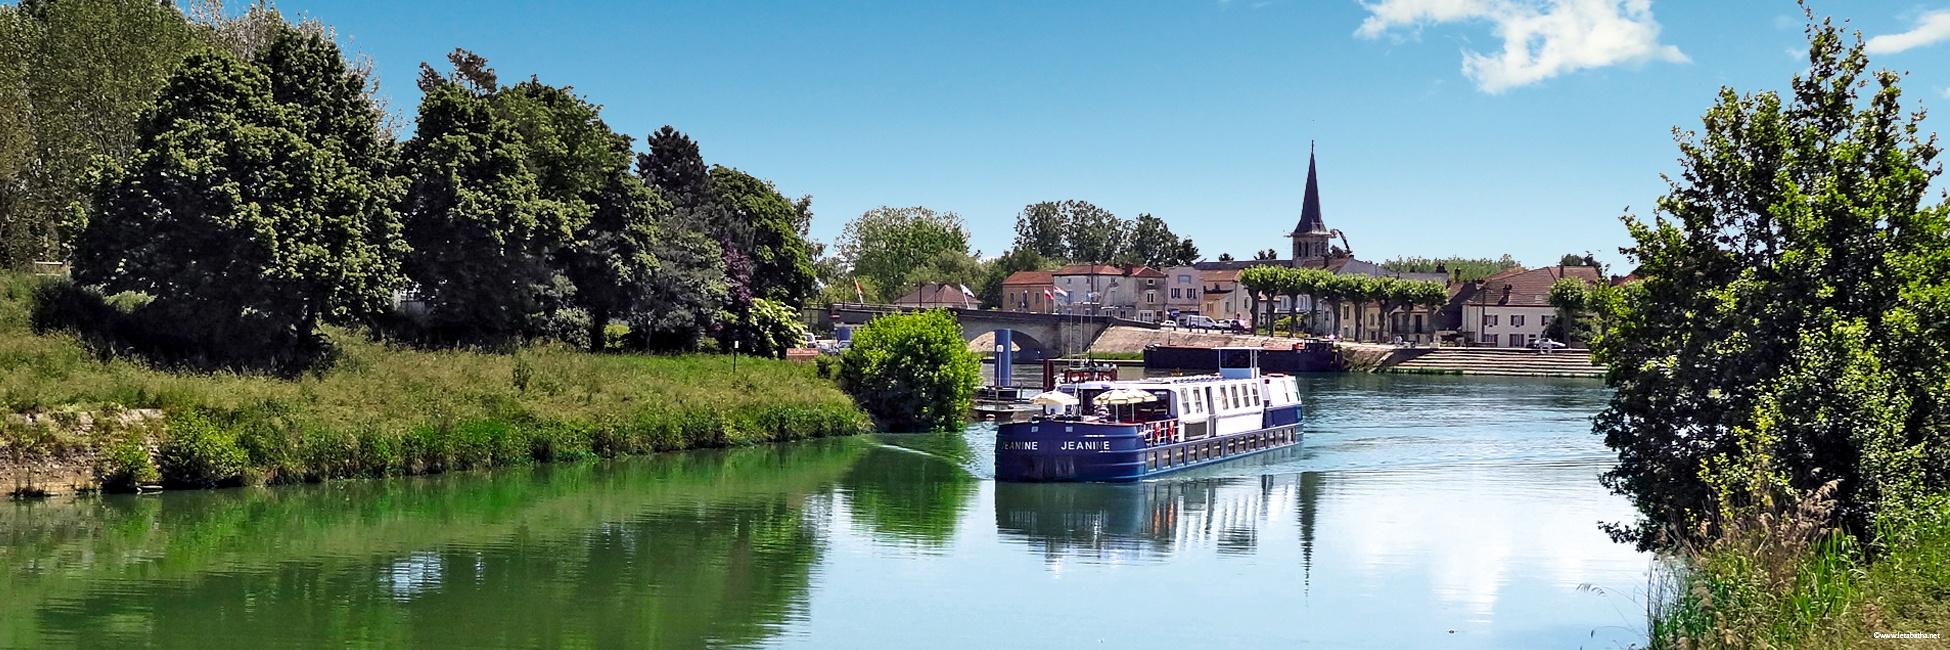 Péniche Jeanine en navigation à Saint-Jean-de-Losne